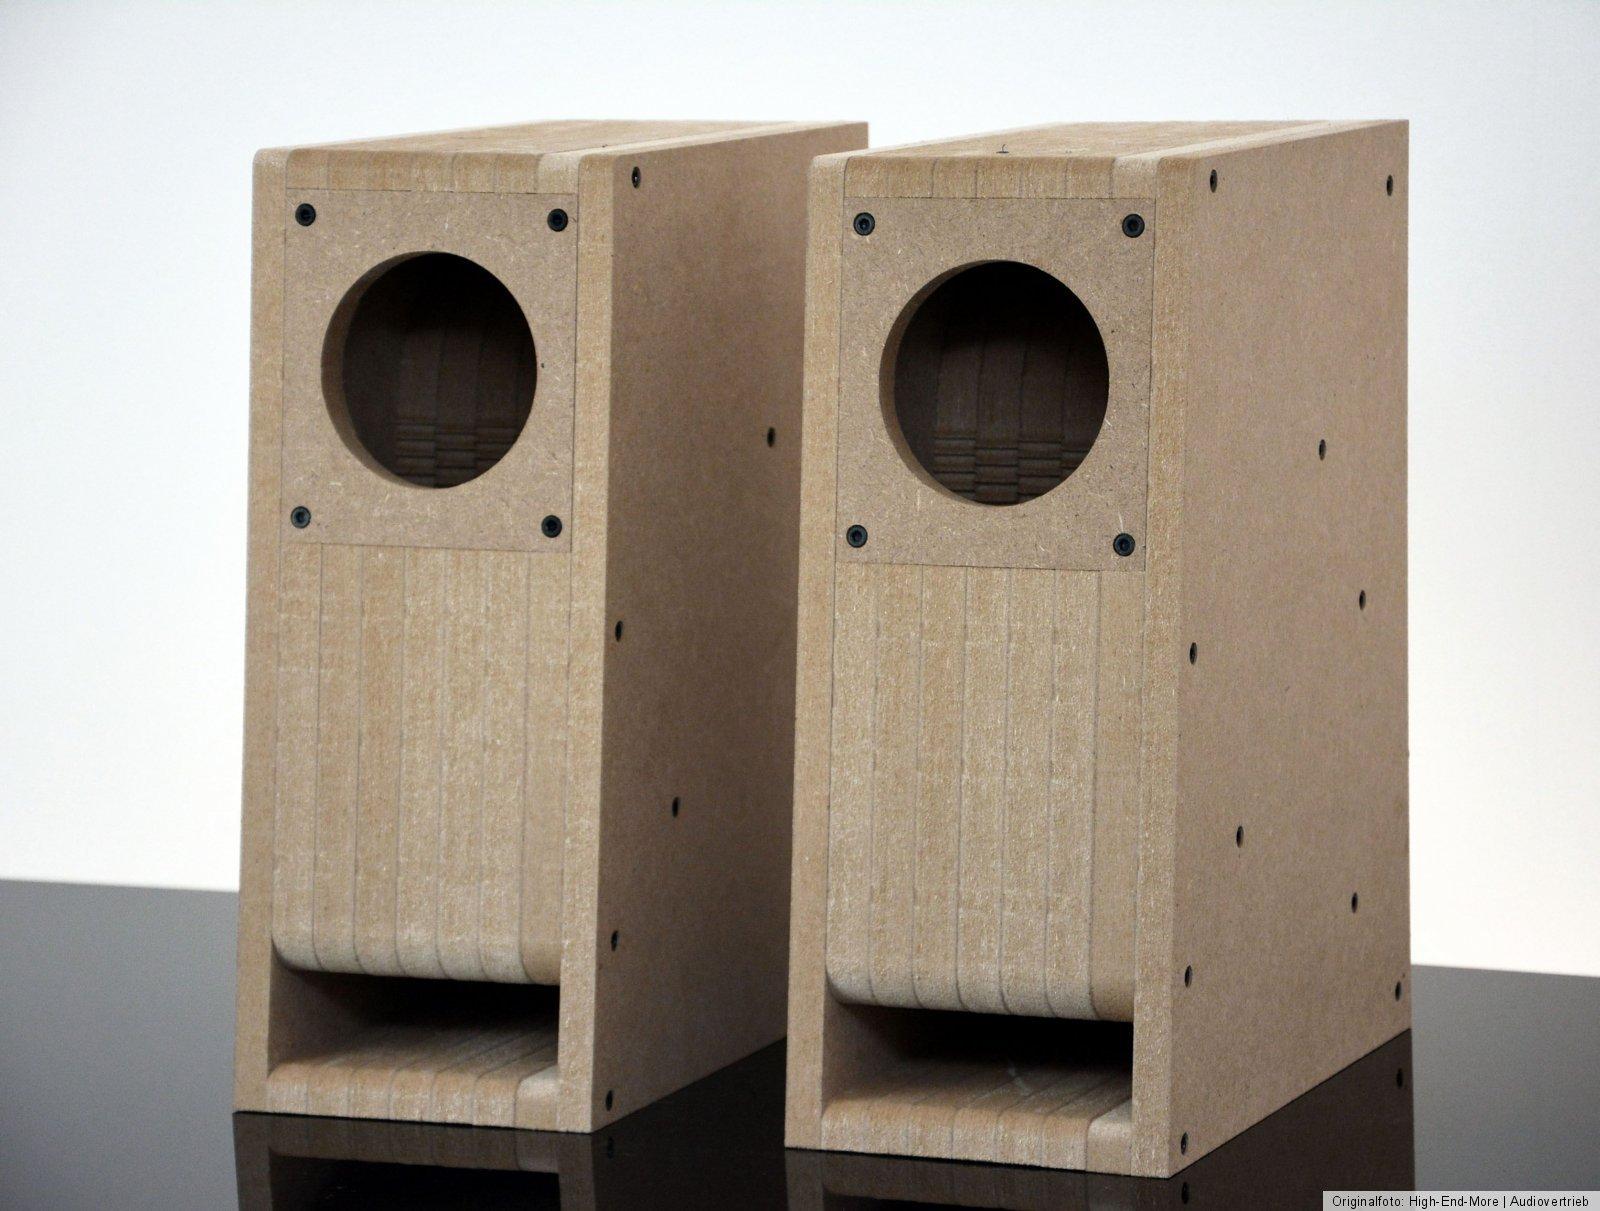 Lautsprecher-Gehäuse,Transmission-Line,Hornsystem, für